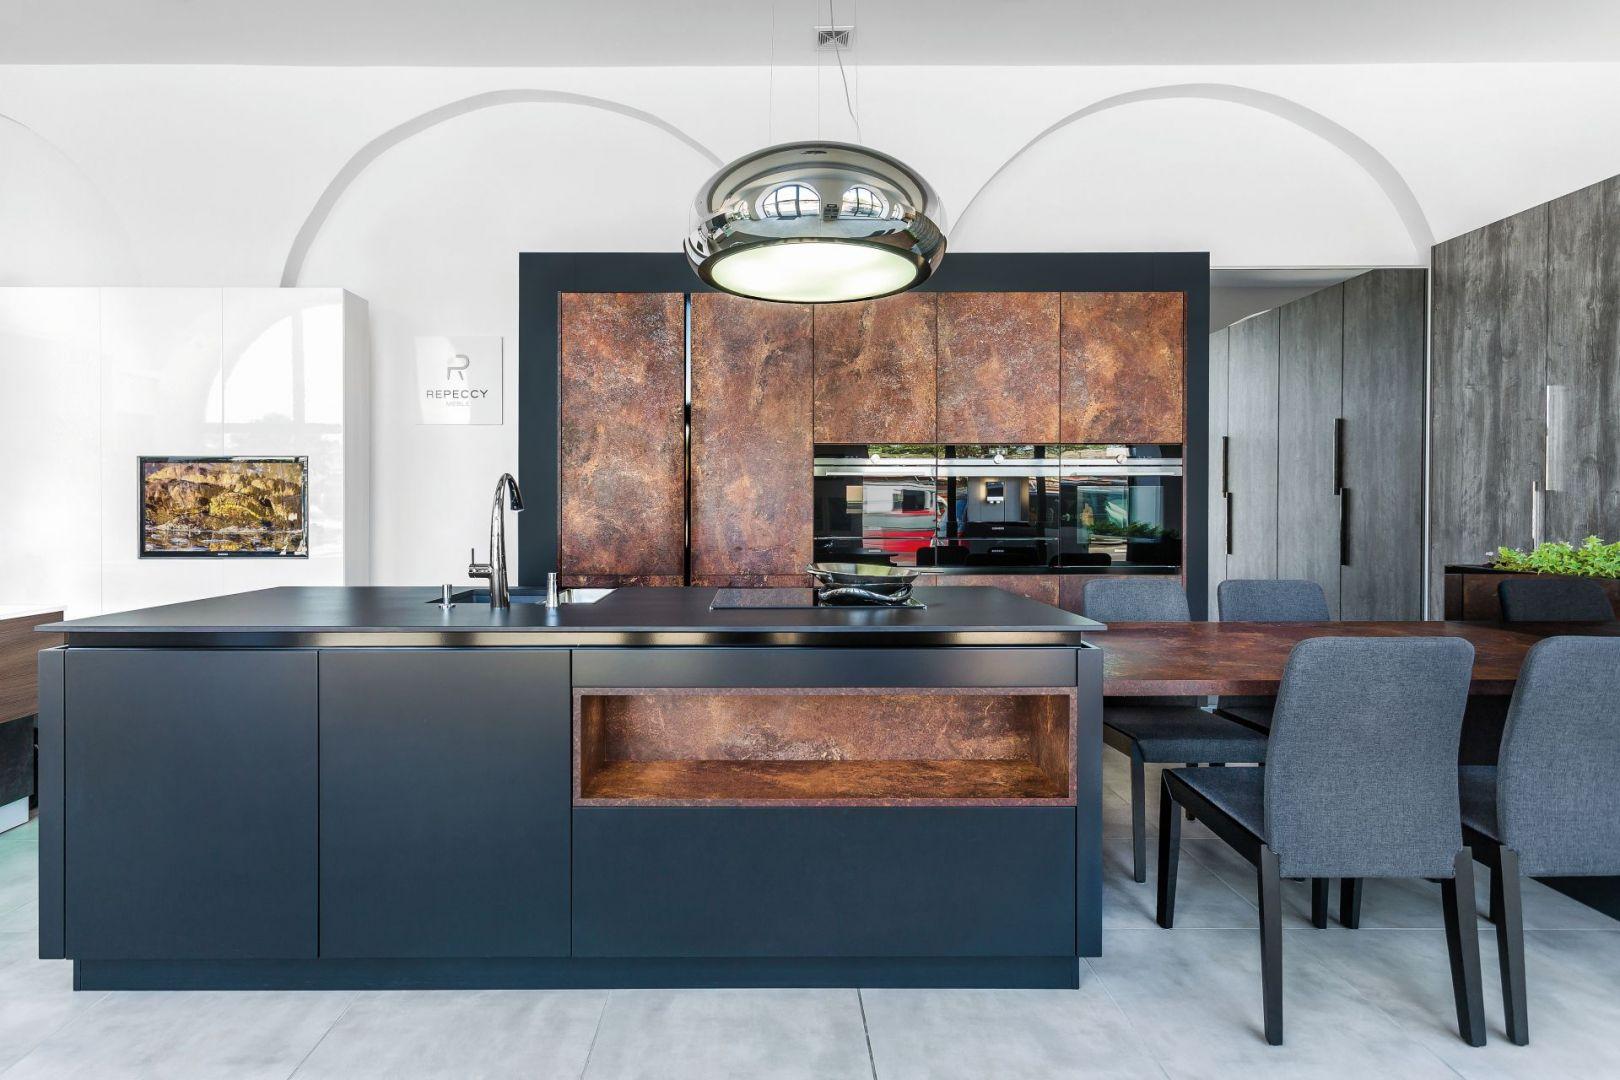 Wystarczą oryginalne gadżety i akcesoria aby urozmaicić i odświeżyć nijaką kuchnię, np. oryginalne, fikuśne krzesło, duży, nowoczesny obraz na ścianie, lampa o industrialnym wykończeniu. Fot. Studio Repeccy - Max Kuchnie